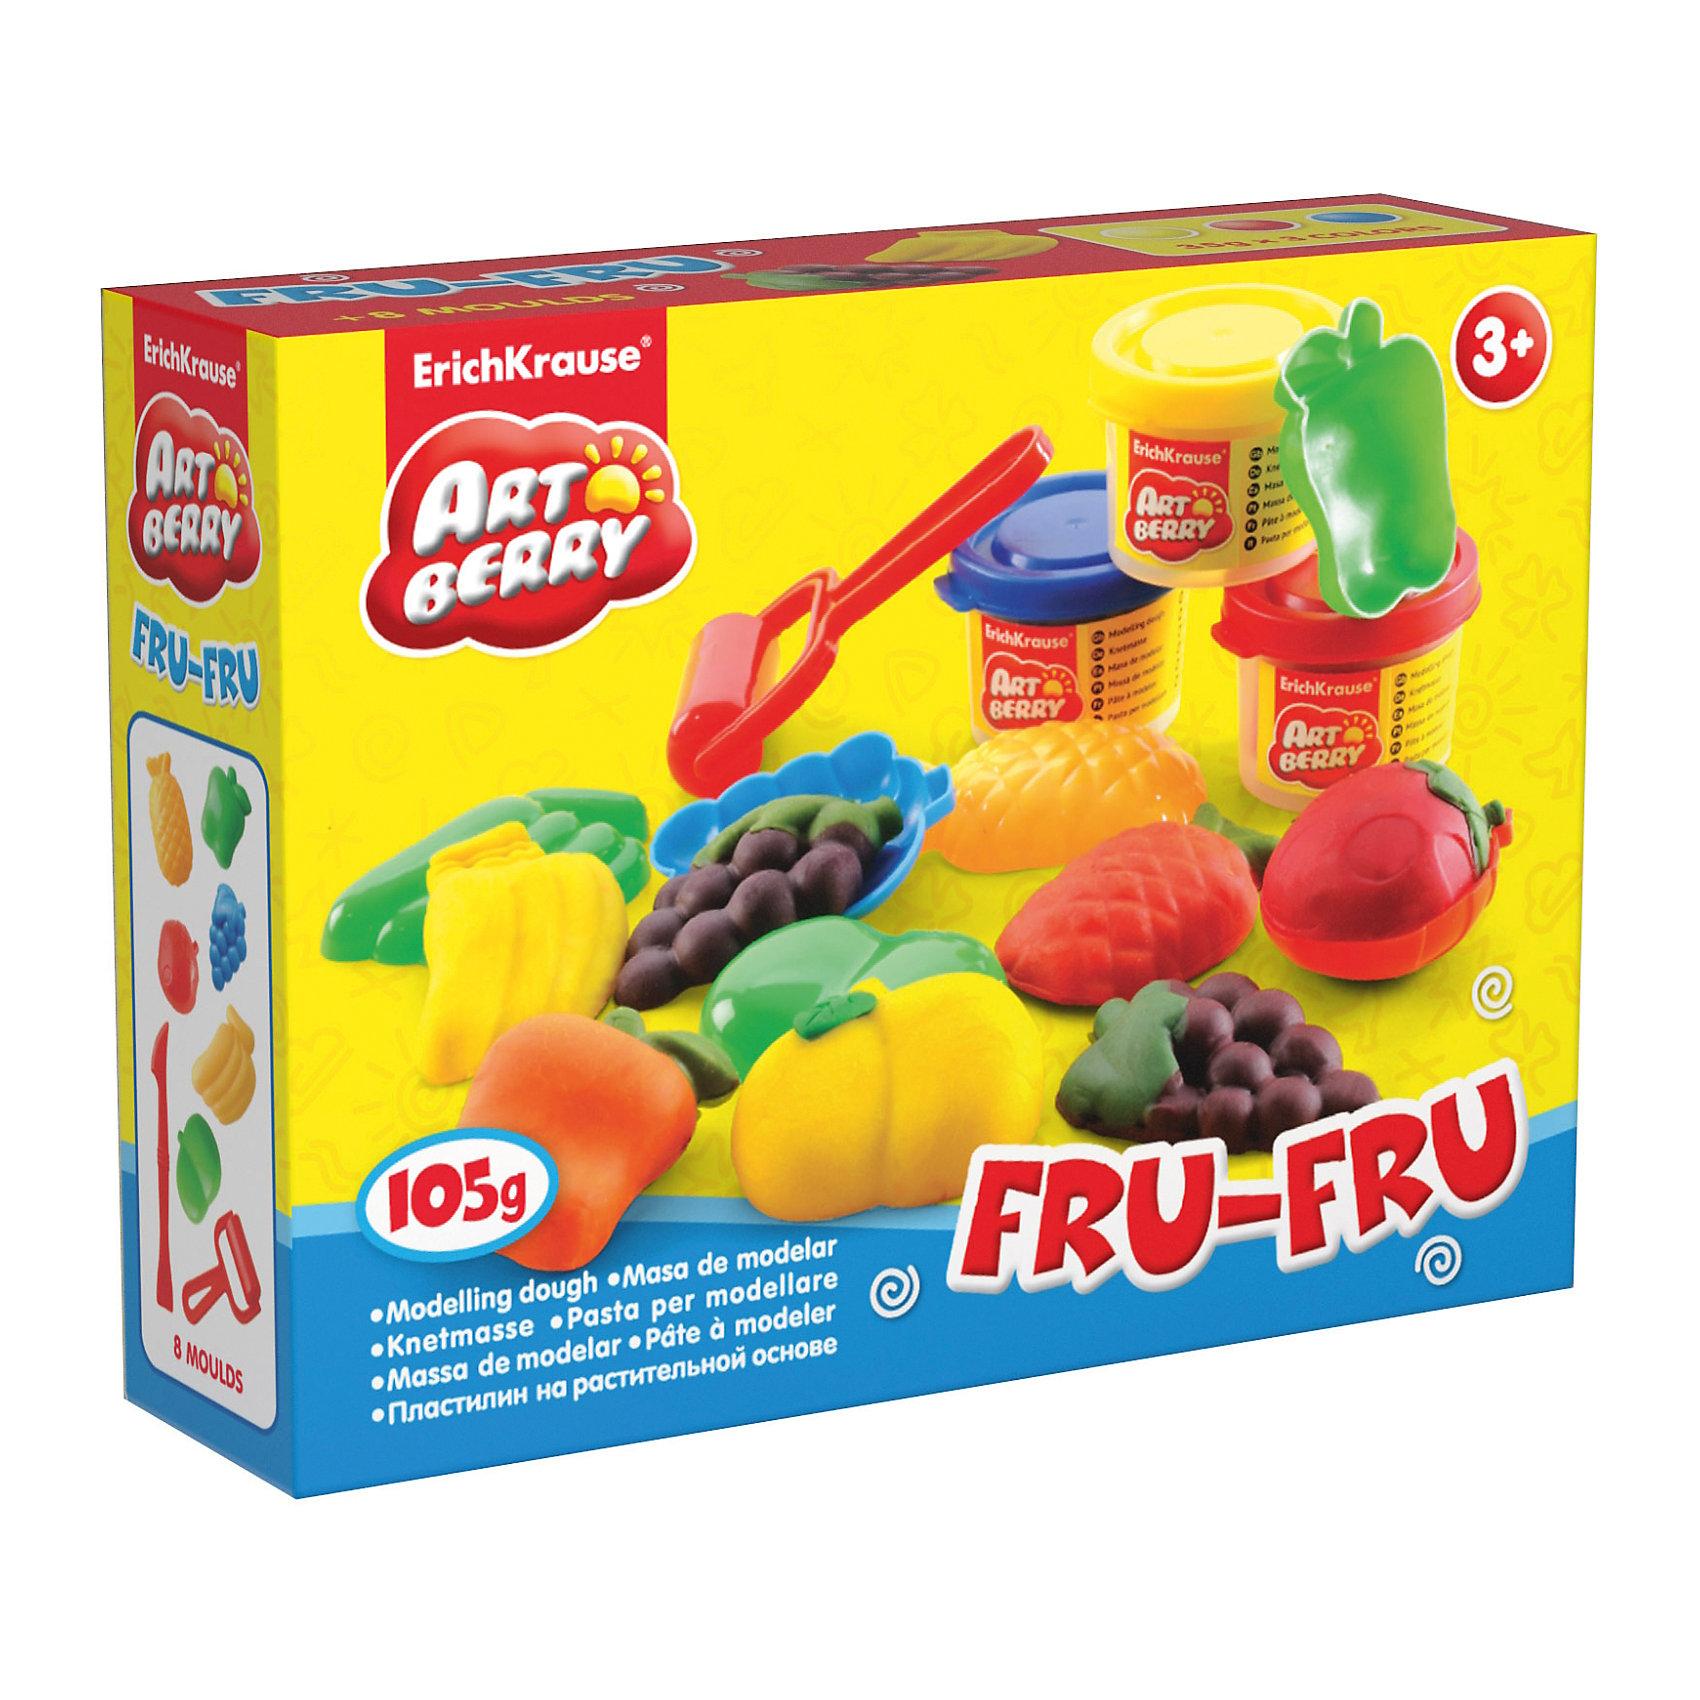 Набор для лепки: Пластилин на растительной основе Fru-Fru 3 цвета по 35гЛепка<br>Характеристики товара:<br><br>• материал упаковки: картонная коробка в термоплёнке<br>• в комплект входит: 3 цвета пластилина по 35 г + 6 объёмных формочек, стек, ролик для пластилина<br>• возраст: от 3 лет<br>• габариты упаковки: 15х12х4 см<br>• вес: 200 г<br>• страна производитель: Россия<br><br>Натуральная продукция – настоящая находка для детского творчества. Так, пластилин на растительной основе станет любимым материалов для творчества у вашего малыша. Мягкий, приятный для тактильного восприятия, он станет фаворитом среди пластилинов у малыша.<br><br>Набор для лепки: Пластилин на растительной основе Fru-Fru 3 цвета по 35 г, можно купить в нашем интернет-магазине.<br><br>Ширина мм: 155<br>Глубина мм: 115<br>Высота мм: 40<br>Вес г: 198<br>Возраст от месяцев: 36<br>Возраст до месяцев: 2147483647<br>Пол: Унисекс<br>Возраст: Детский<br>SKU: 5409337